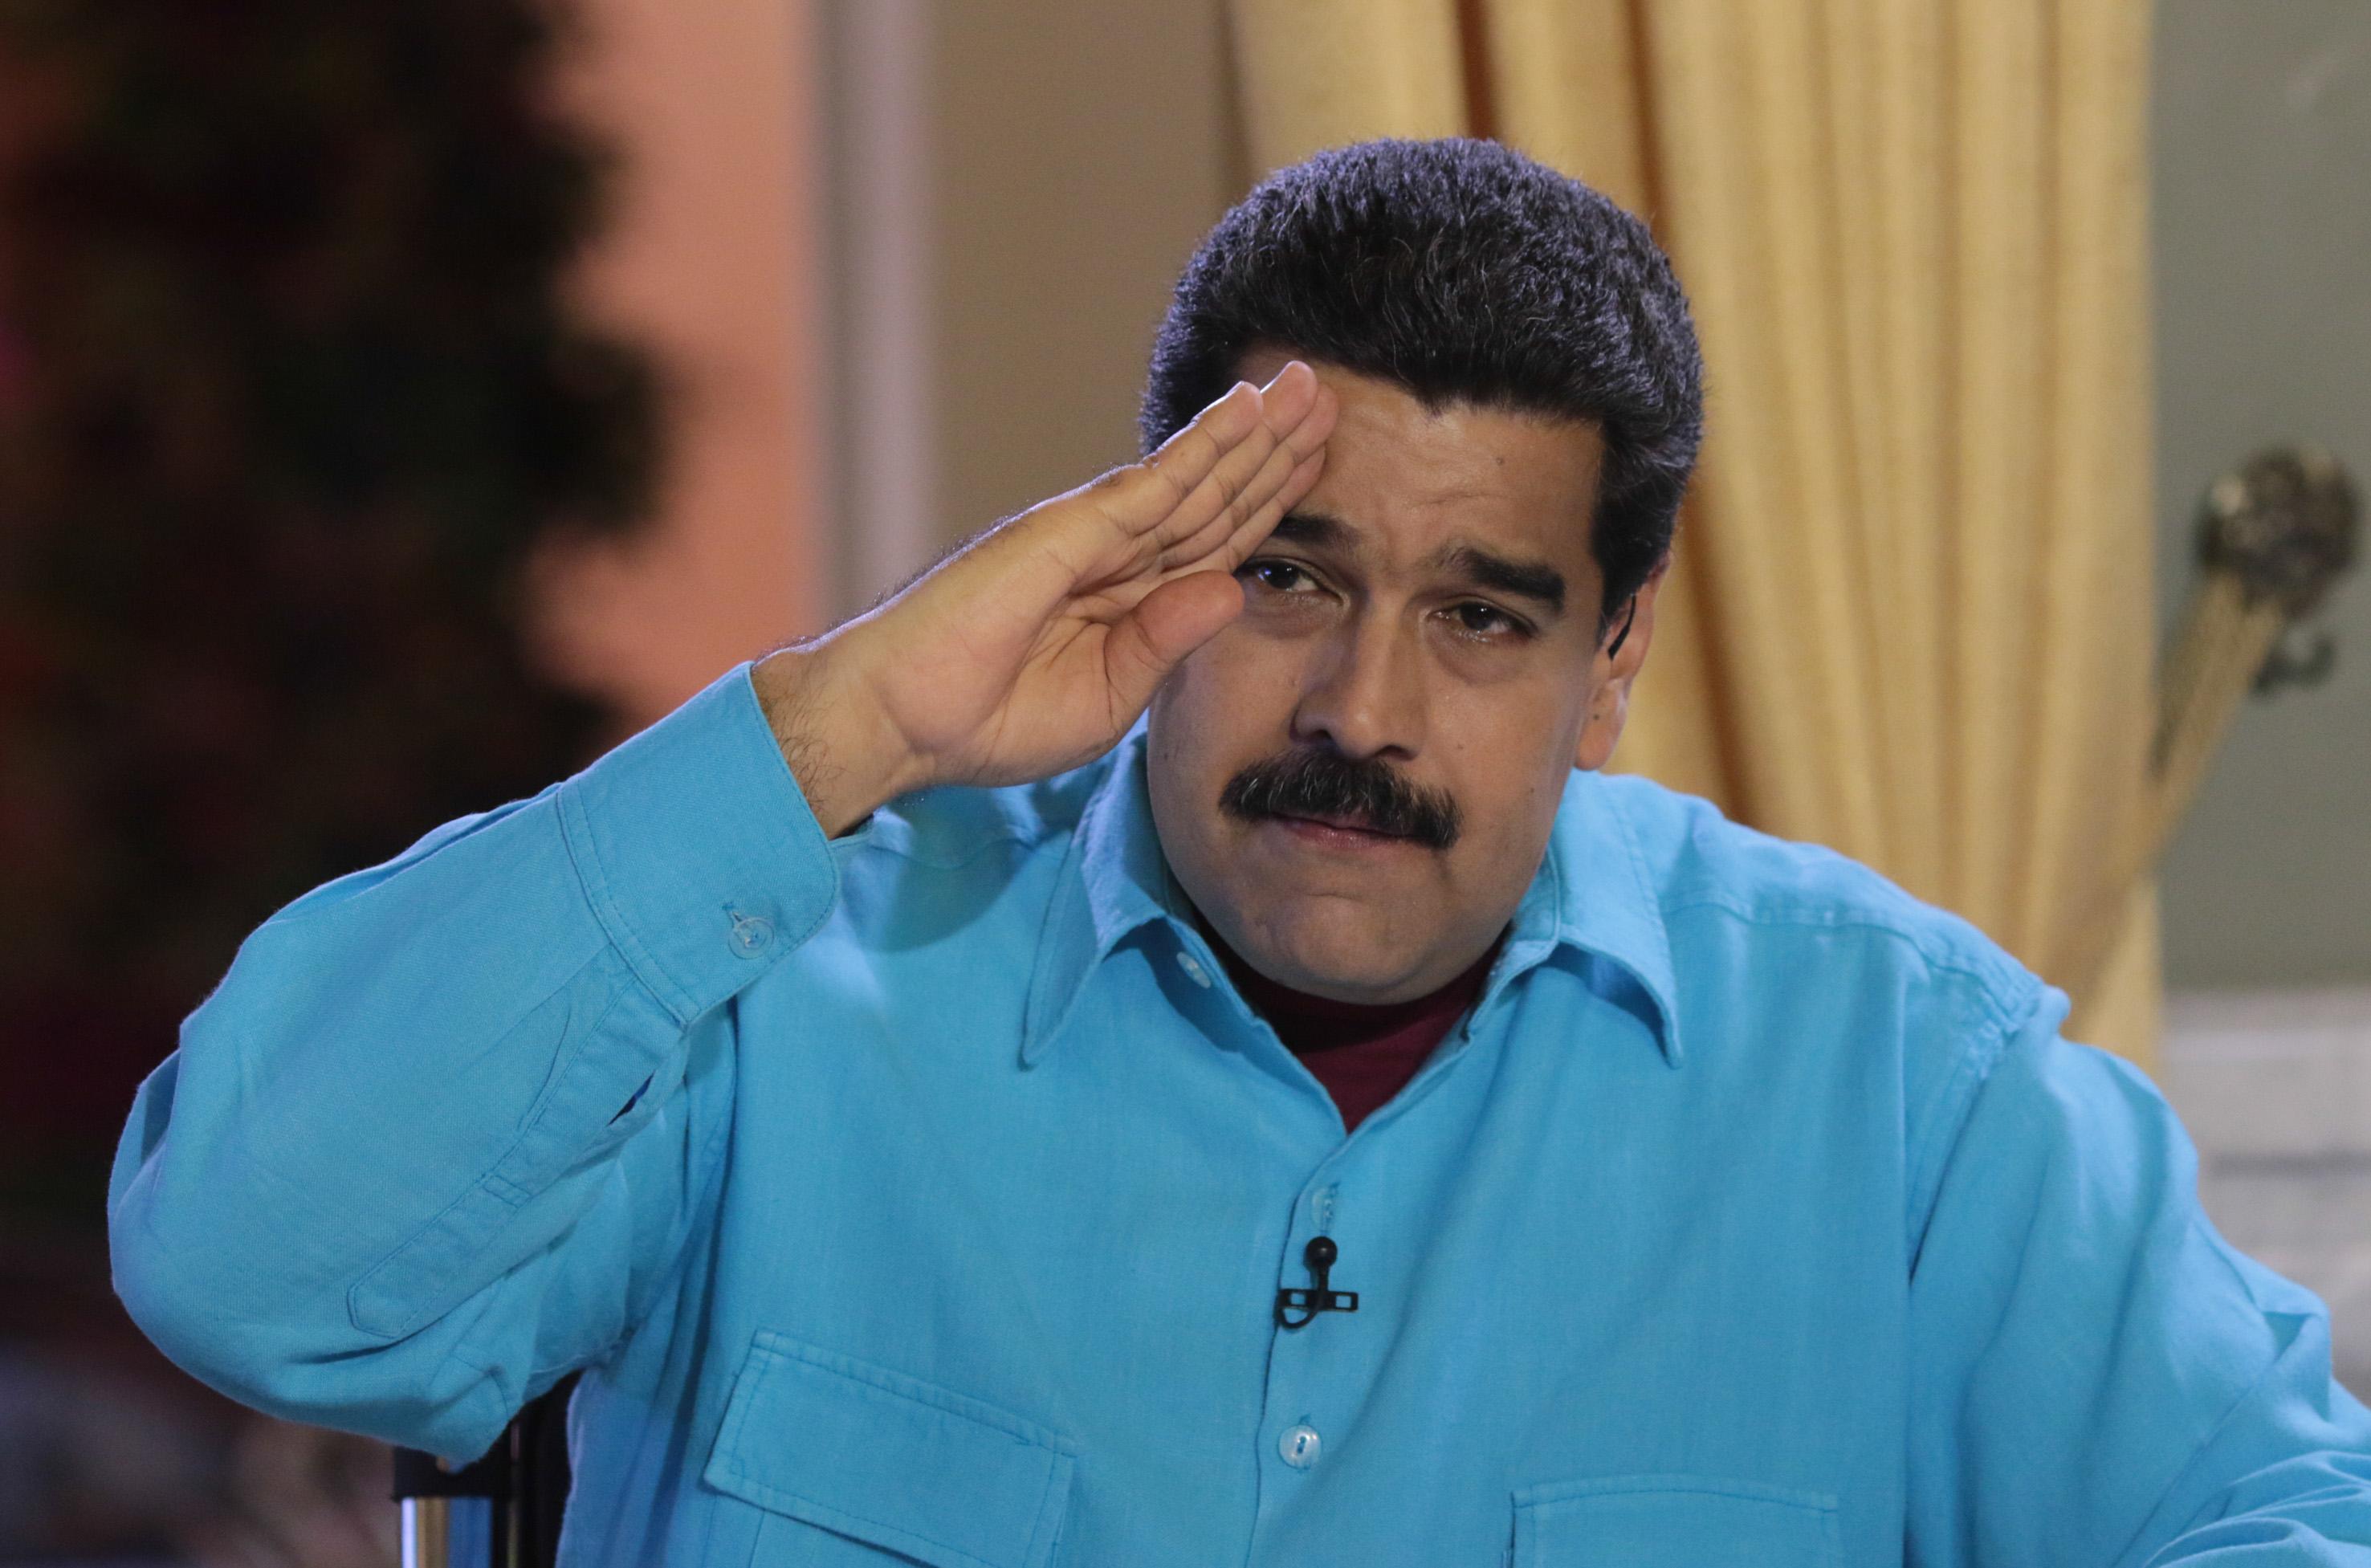 Uncios De Contatos Em Venezuela-1309